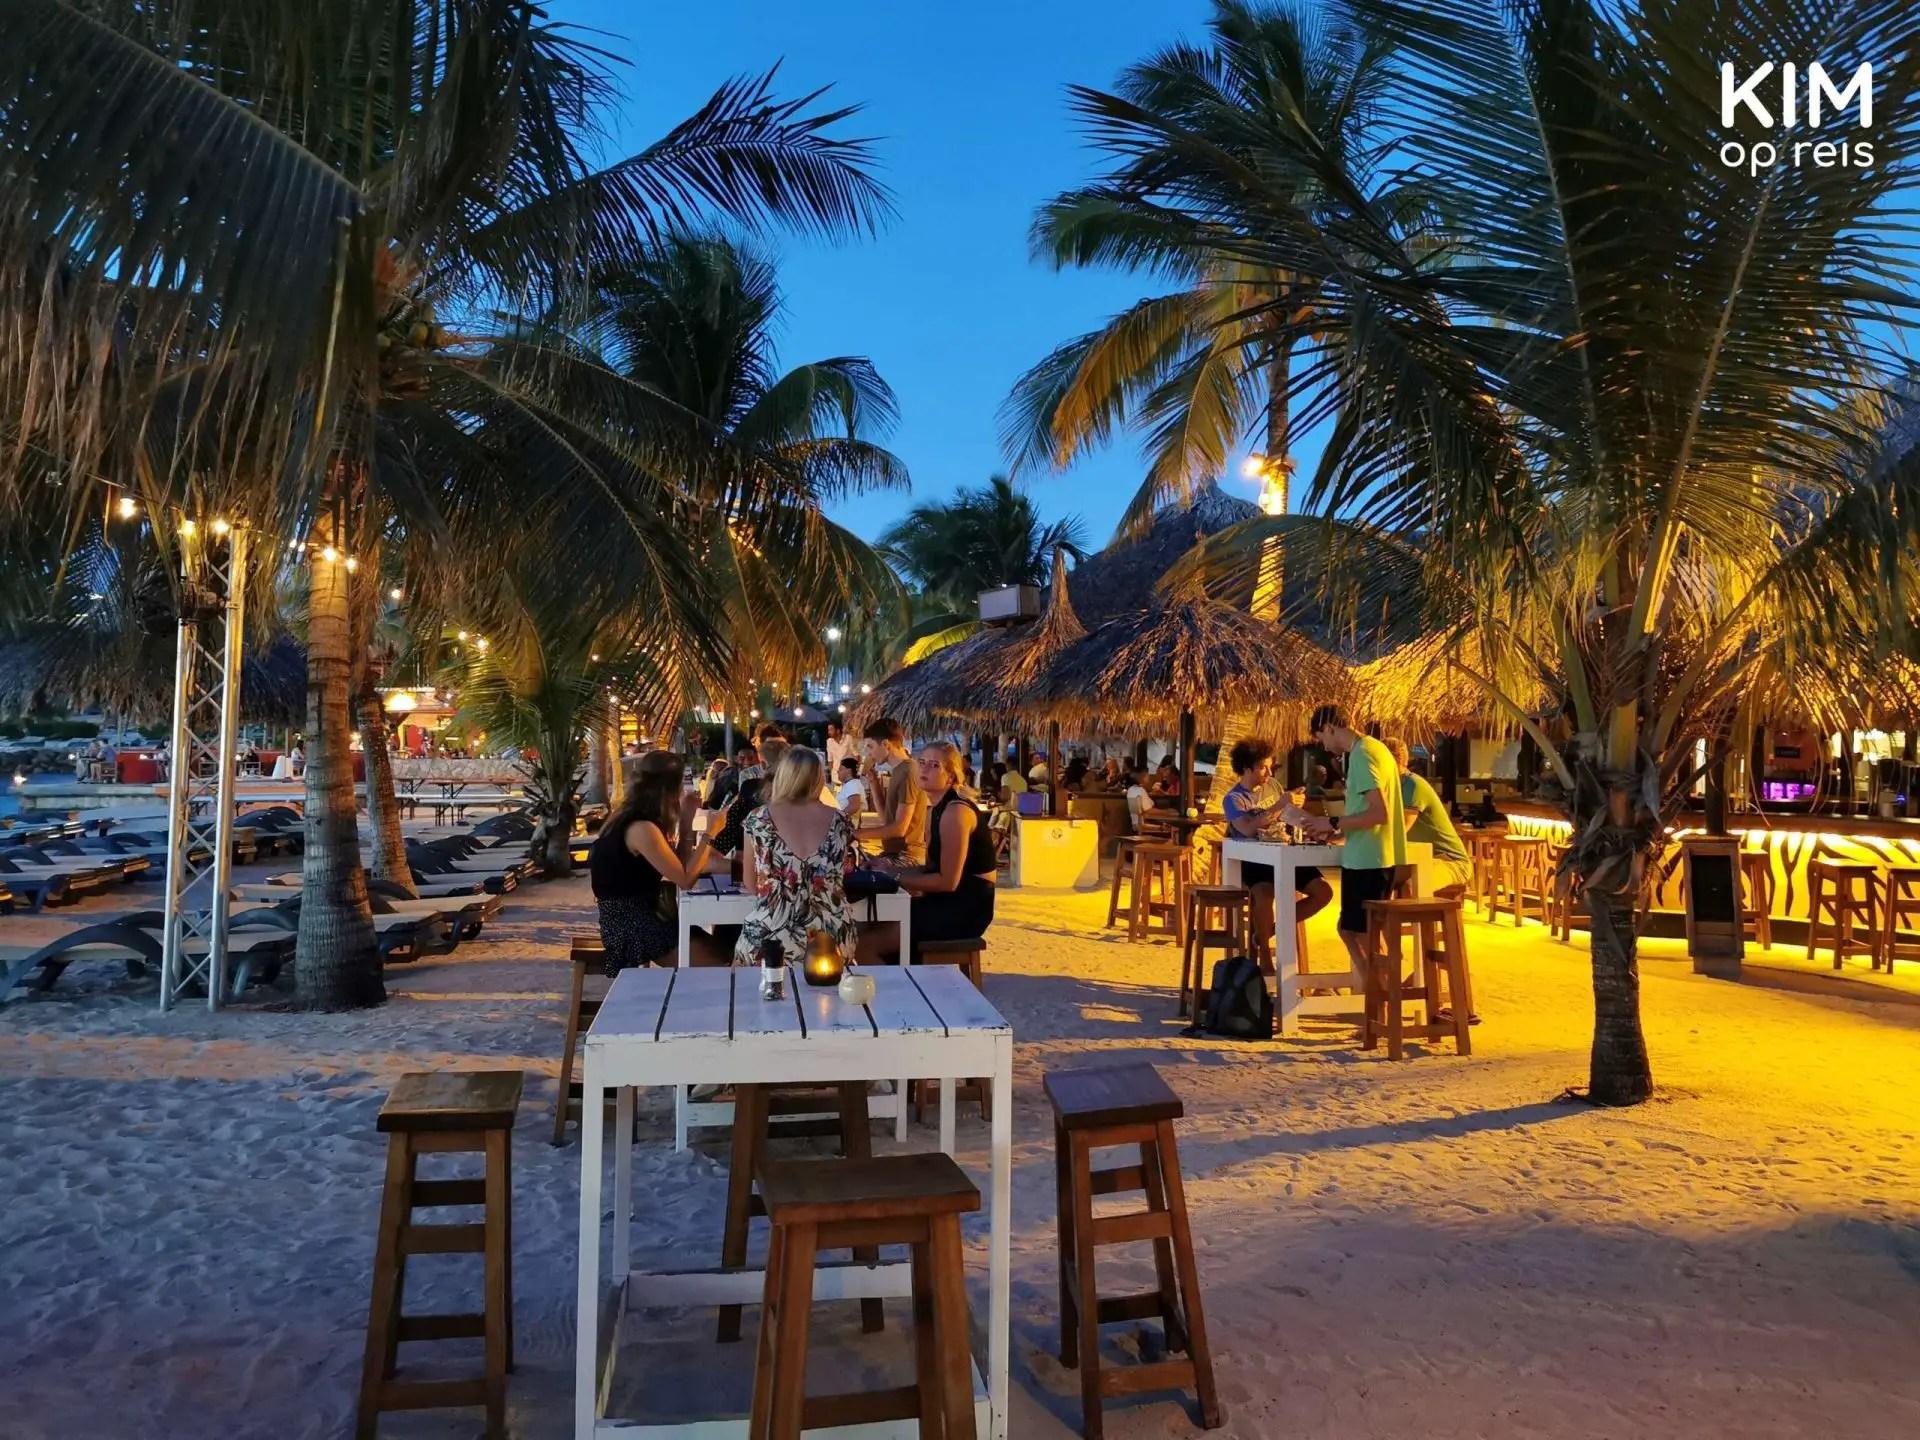 Zanzibar beach restaurant Curaçao: overview restaurant on the beach just after sunset